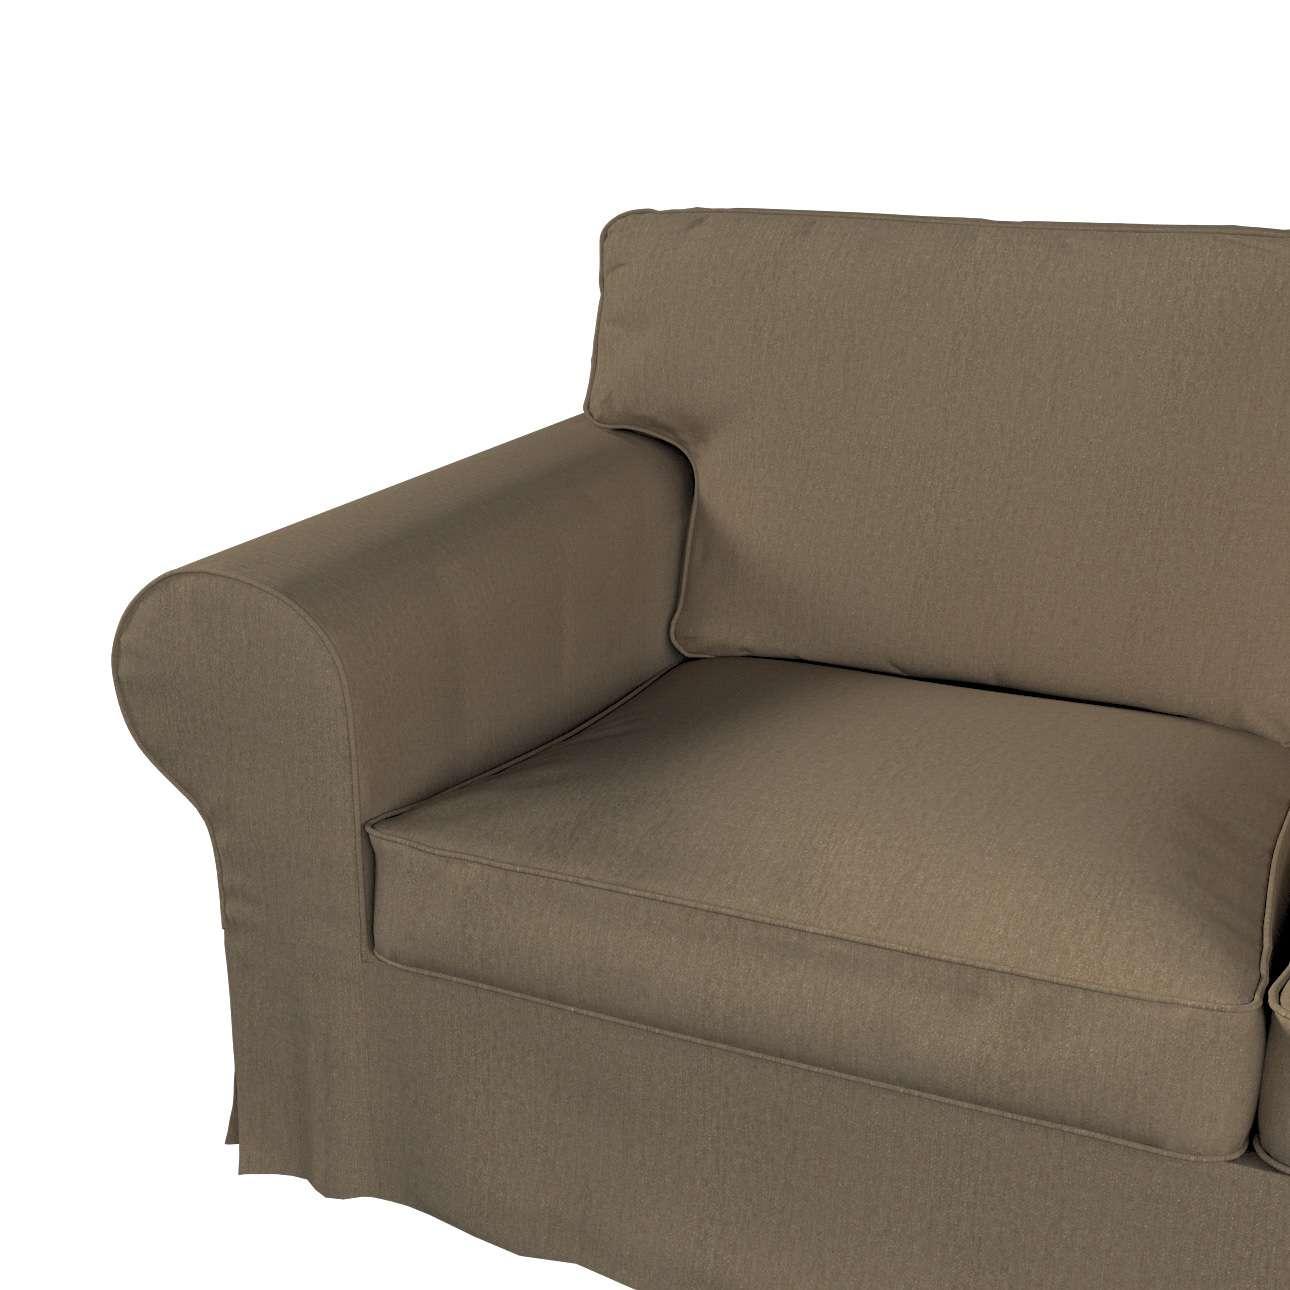 Pokrowiec na sofę Ektorp 2-osobową i leżankę w kolekcji Chenille, tkanina: 702-21